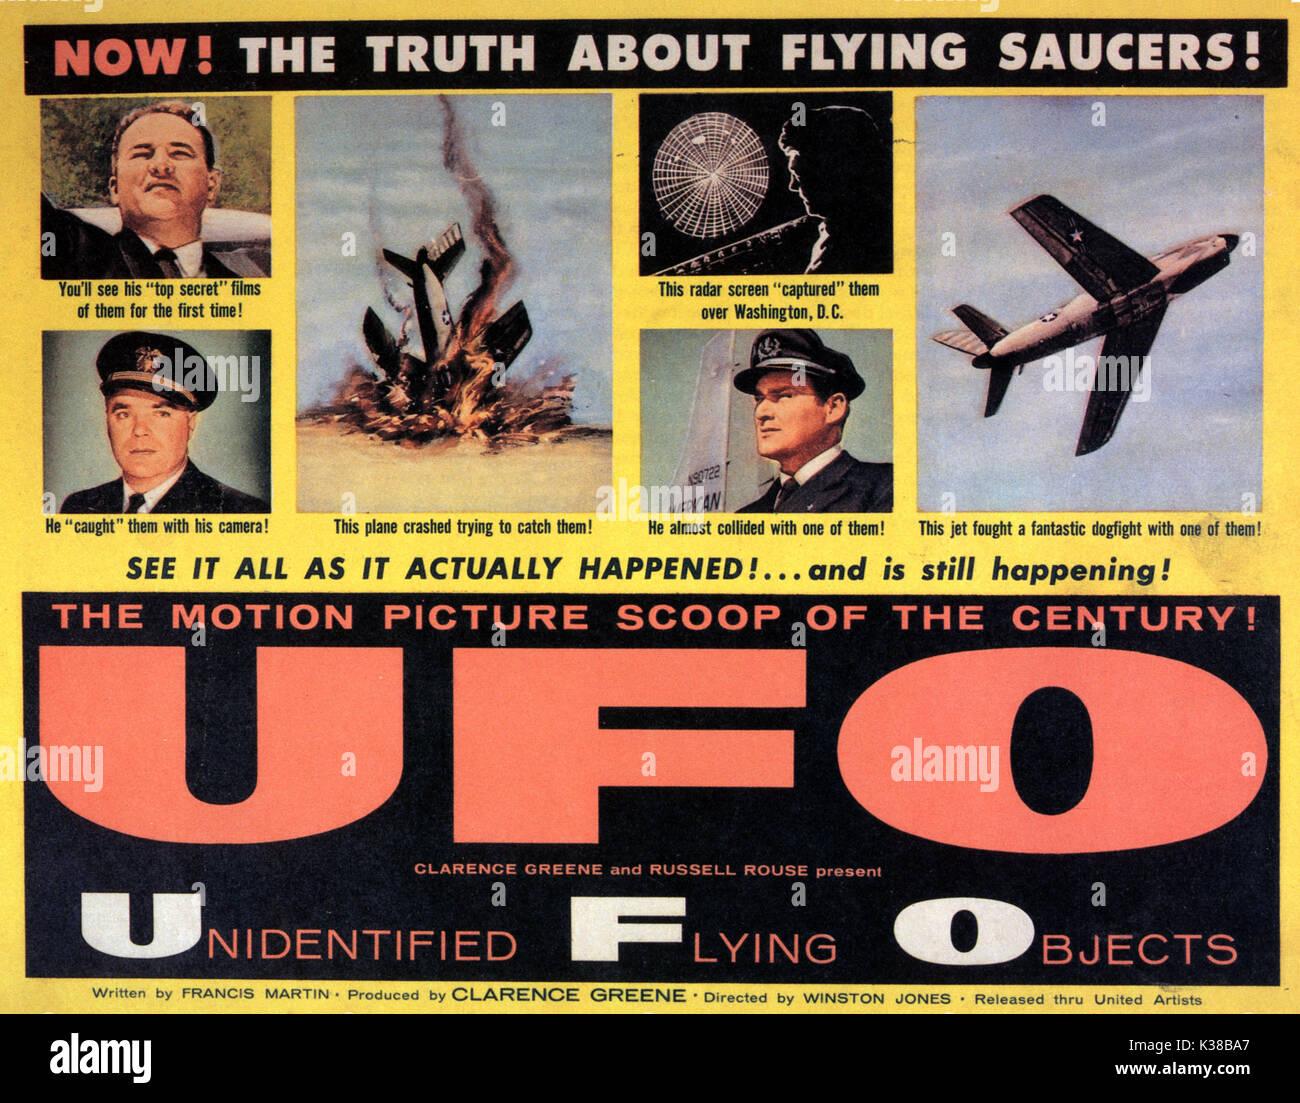 Nicht identifizierte fliegende Objekte: DIE WAHRE GESCHICHTE DER fliegenden Untertassen aka UFO 50er B-Movies Poster Stockbild